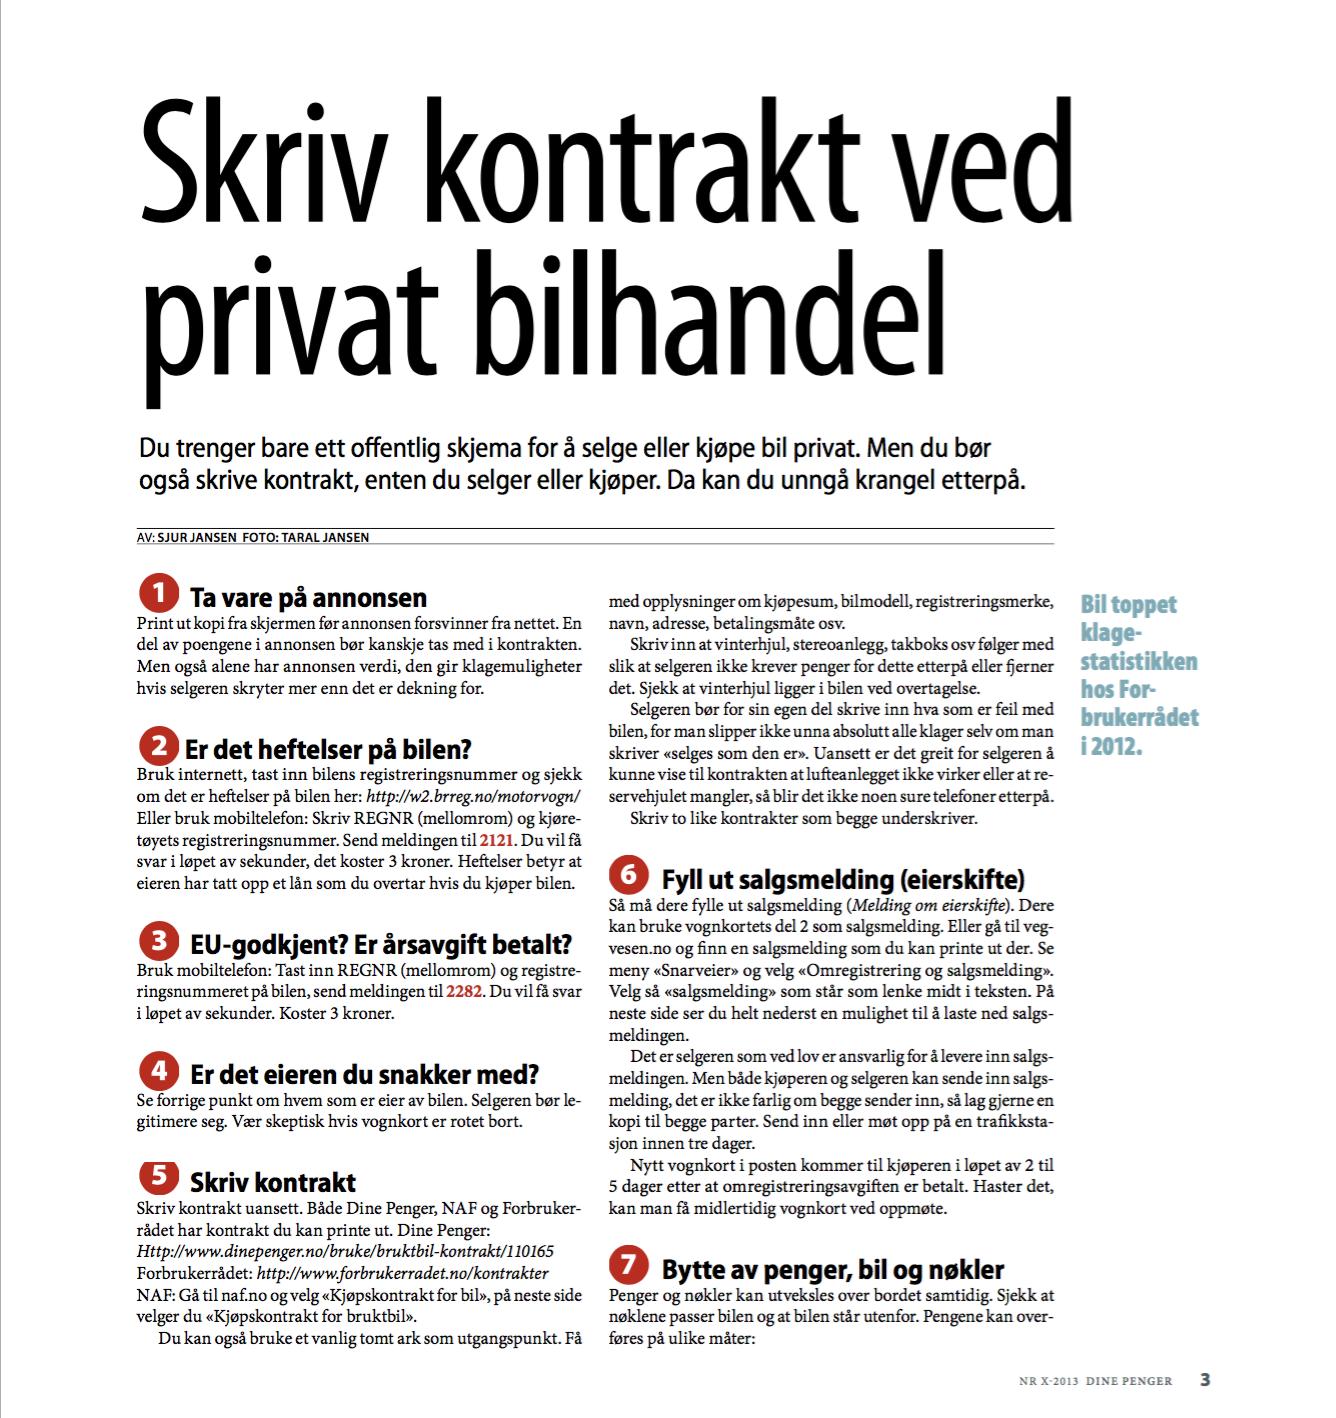 Skjermdump av artikkel skrevet av Sjur Jansen. Artikkelen handler om hvordan skrive kontrakt ved kjøp eller salg av bruktbil.